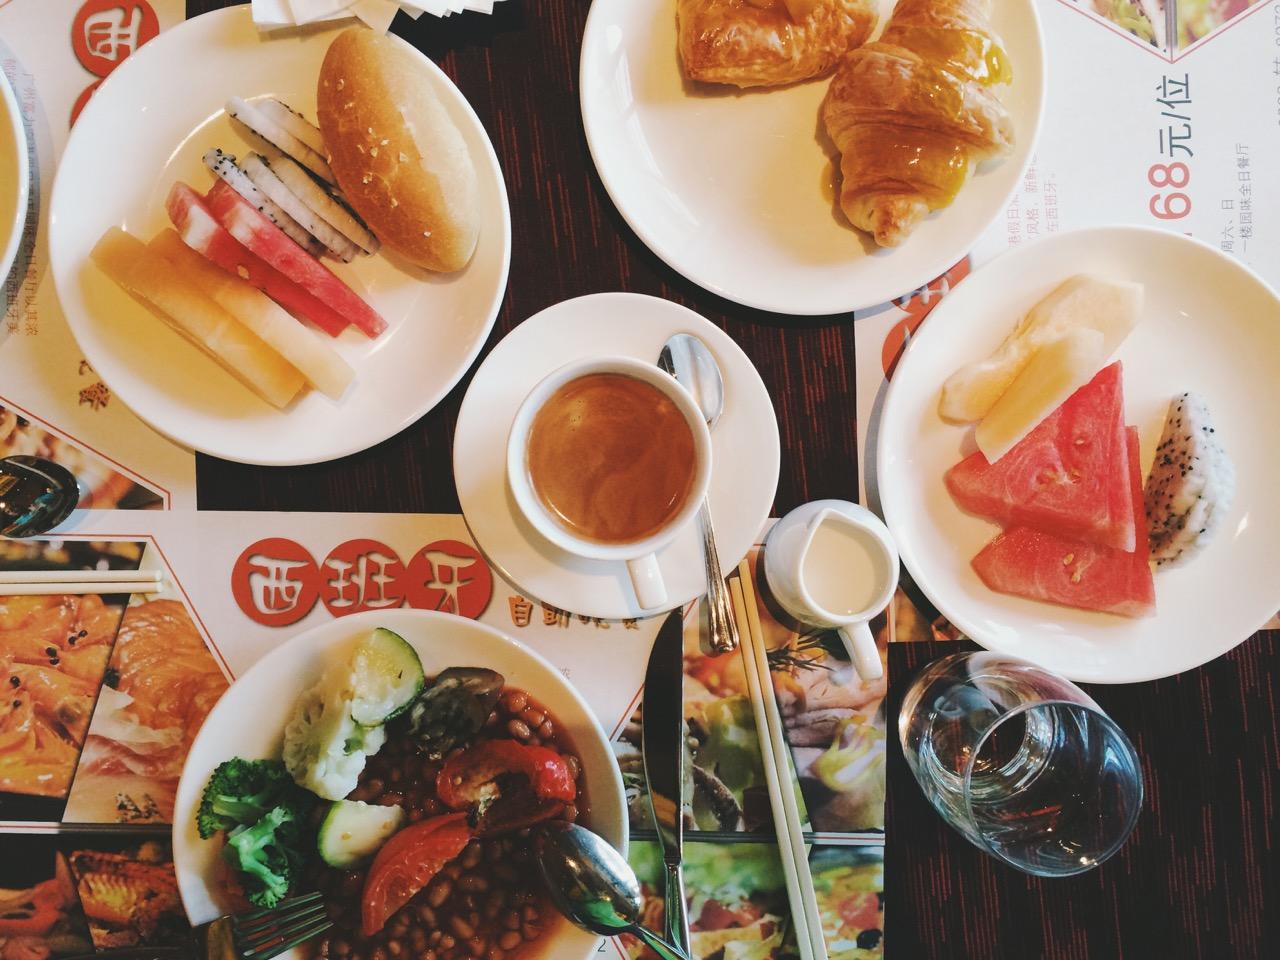 Как сэкономить в путешествии: завтрак в отеле